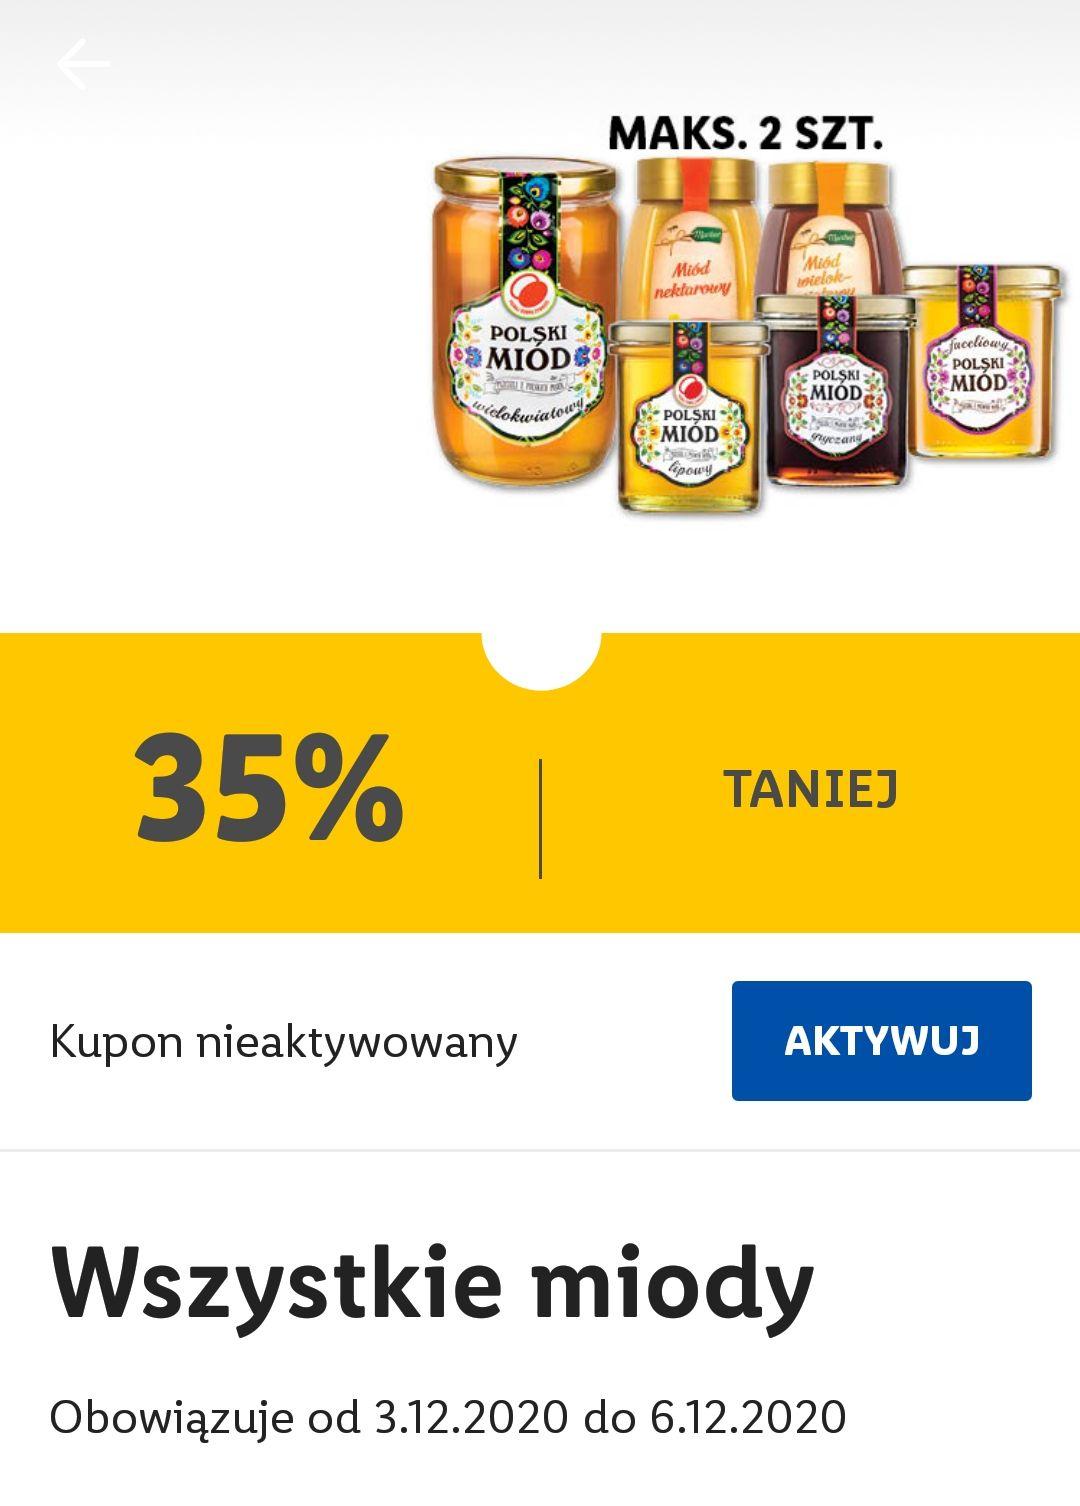 Wszystkie miody (miód) 35% taniej w Lidl